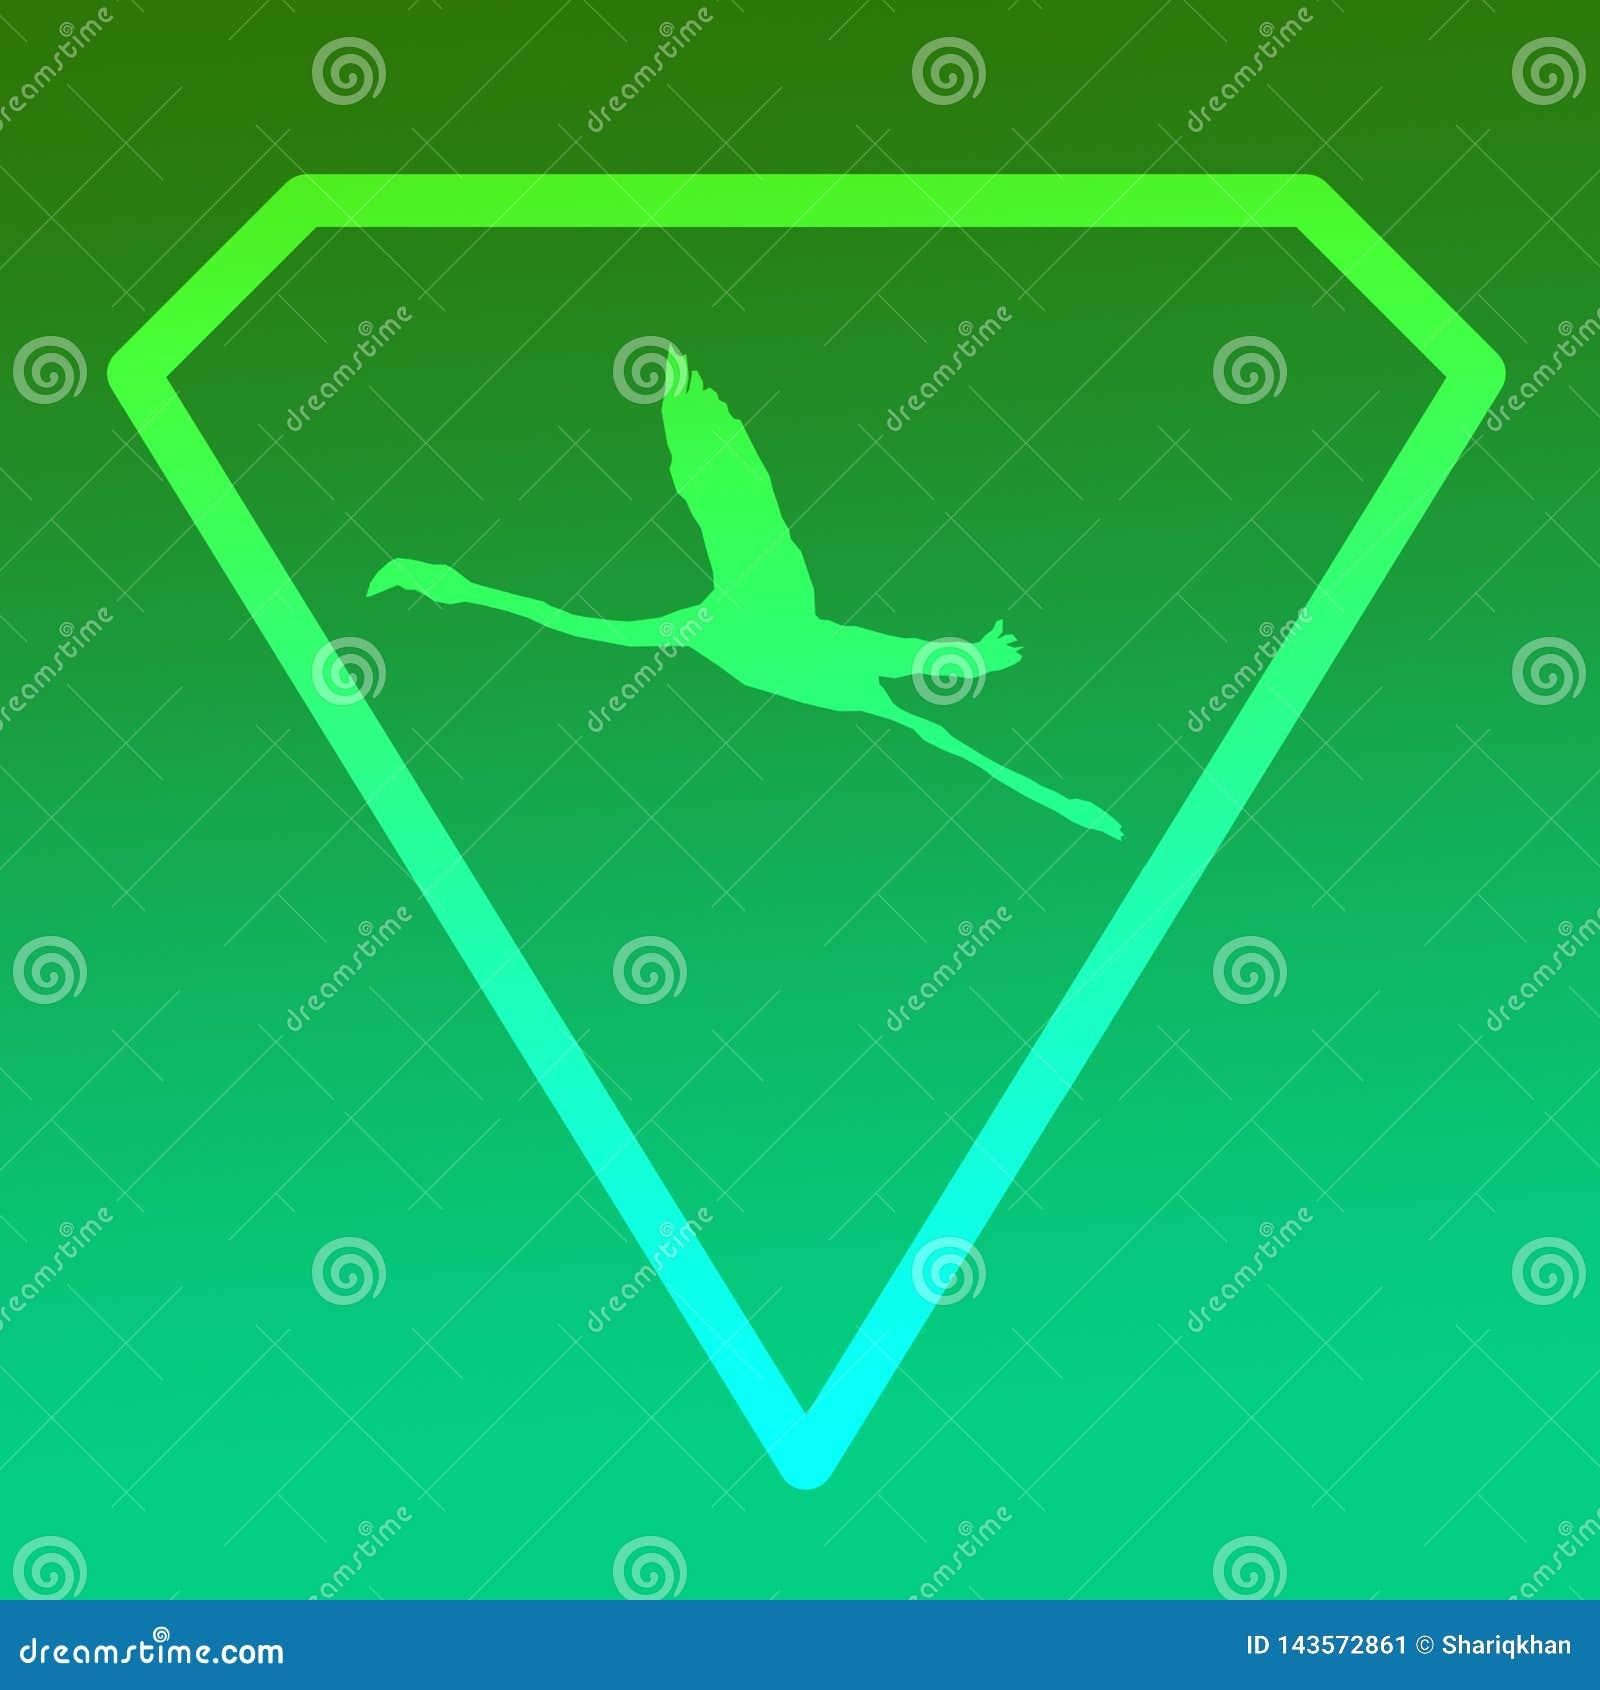 Logo sztandaru wizerunku Latającego ptaka flaming w Diamentowym kształcie na Zielonym tle